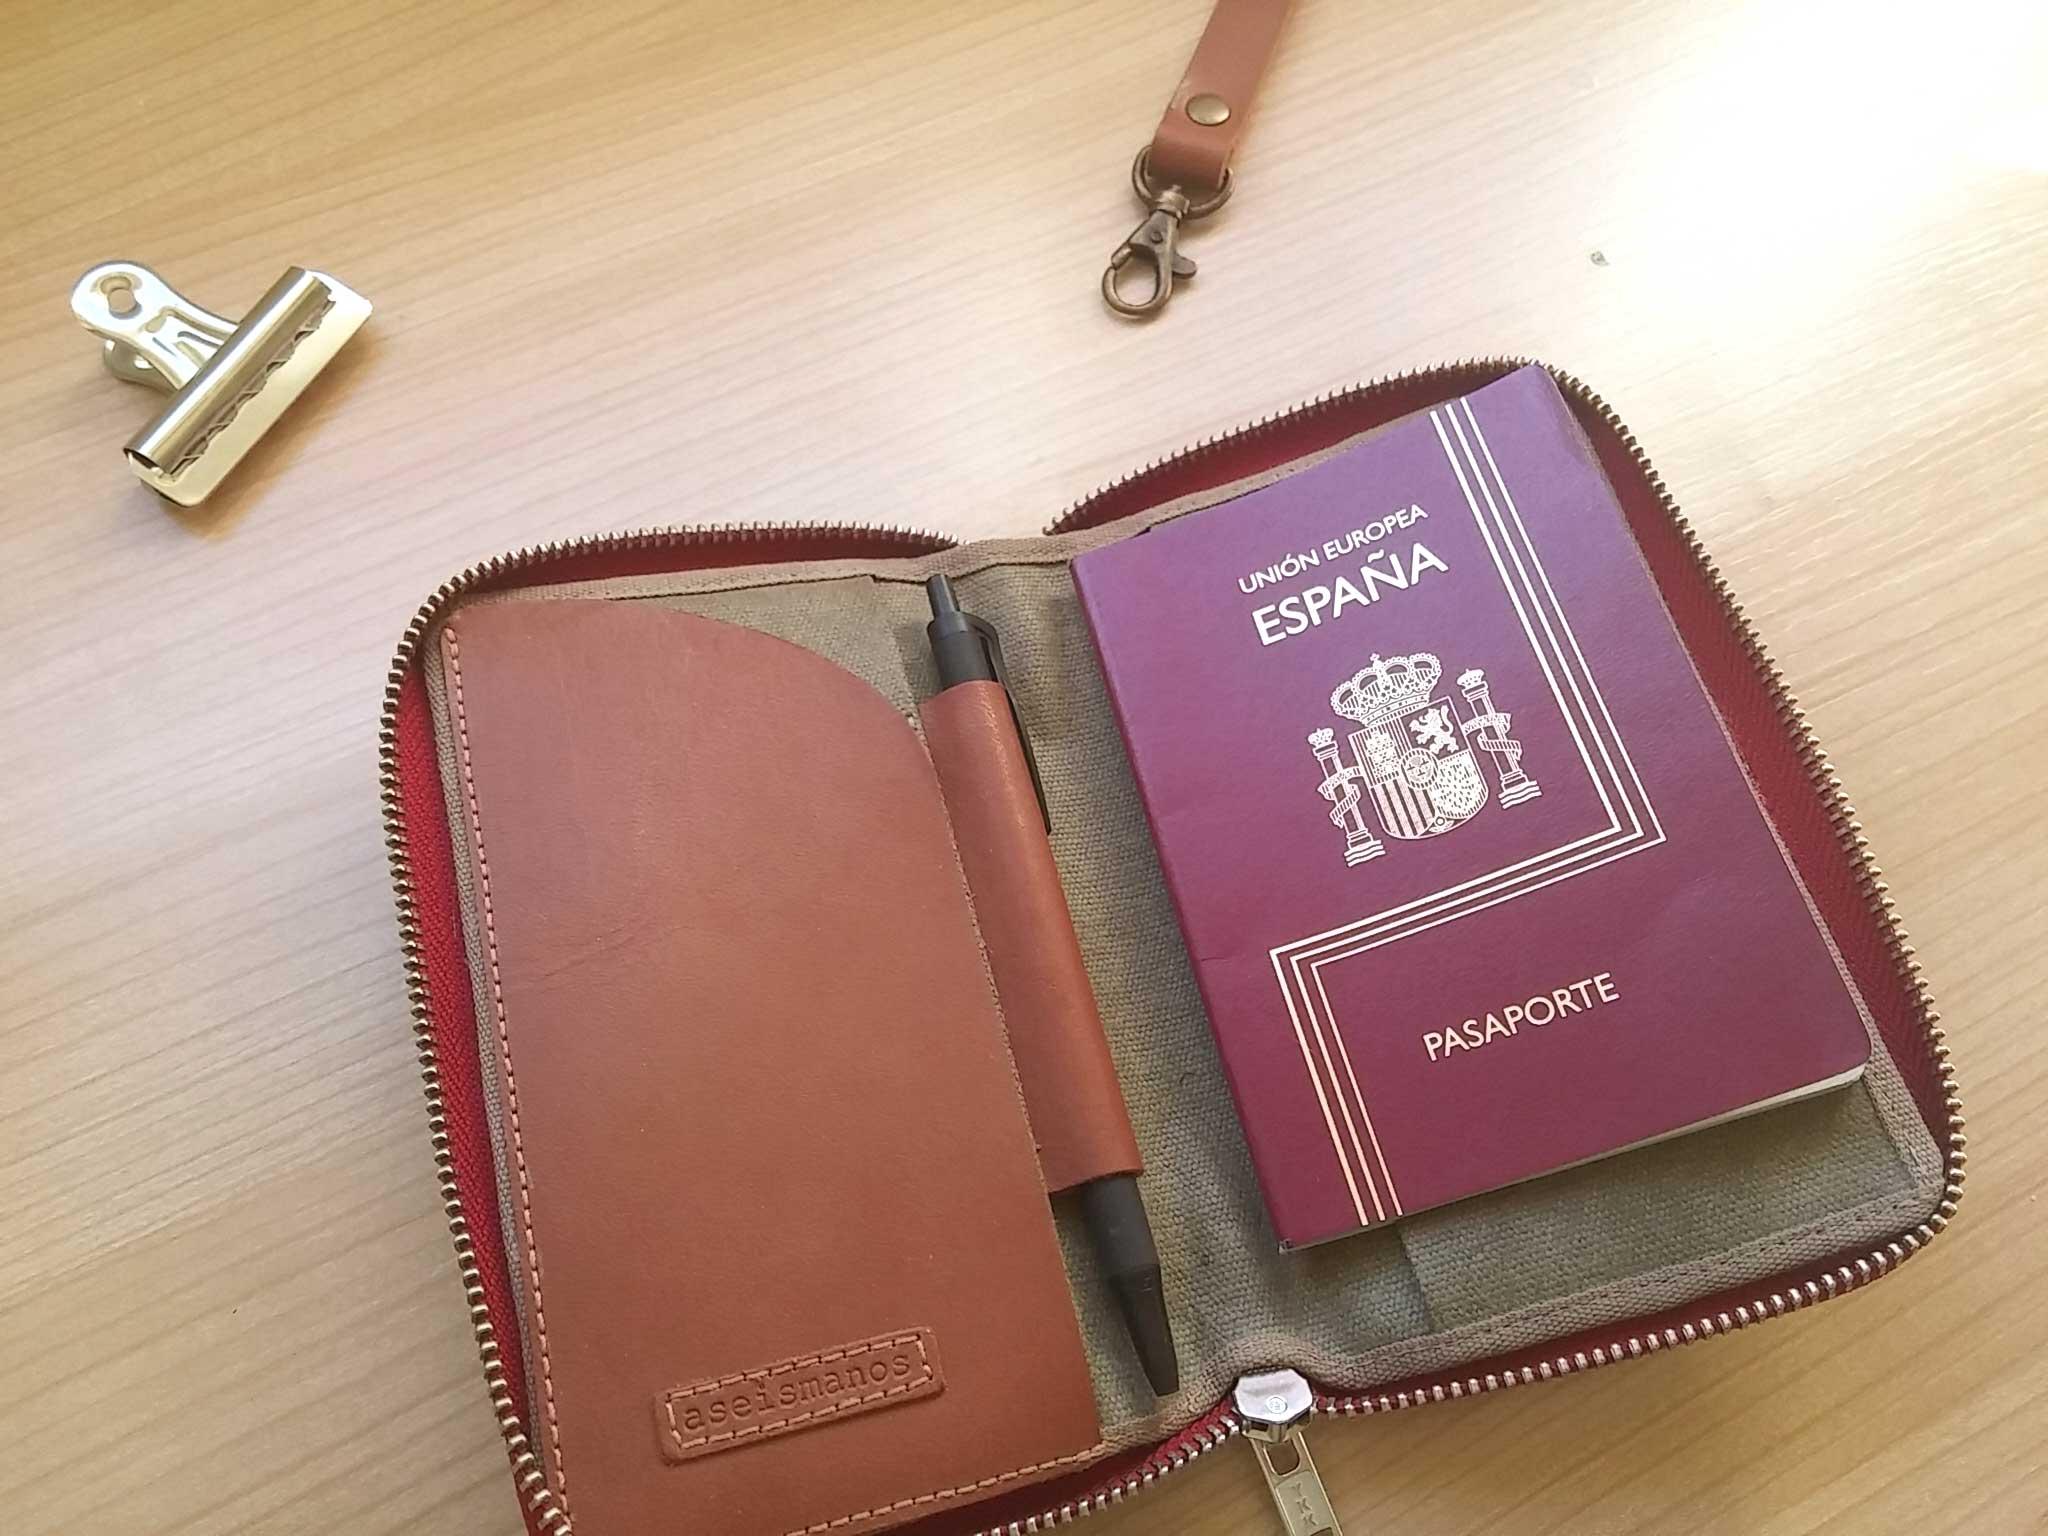 wallet holding a passport